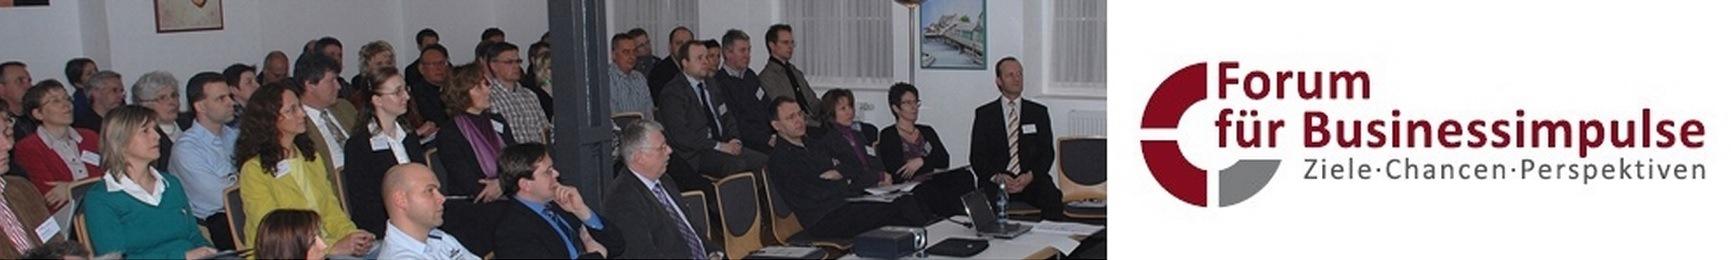 Forum für Businessimpulse